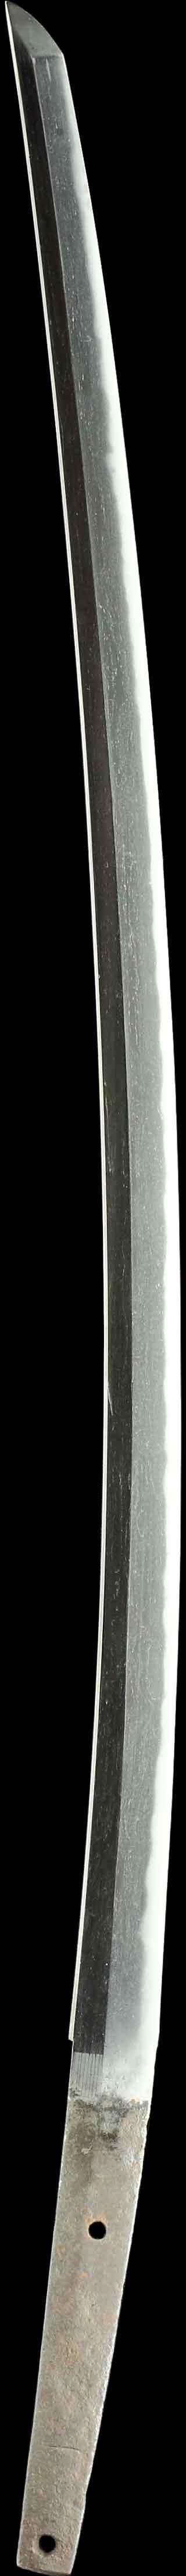 日本刀・一文字の刀身縦表全景